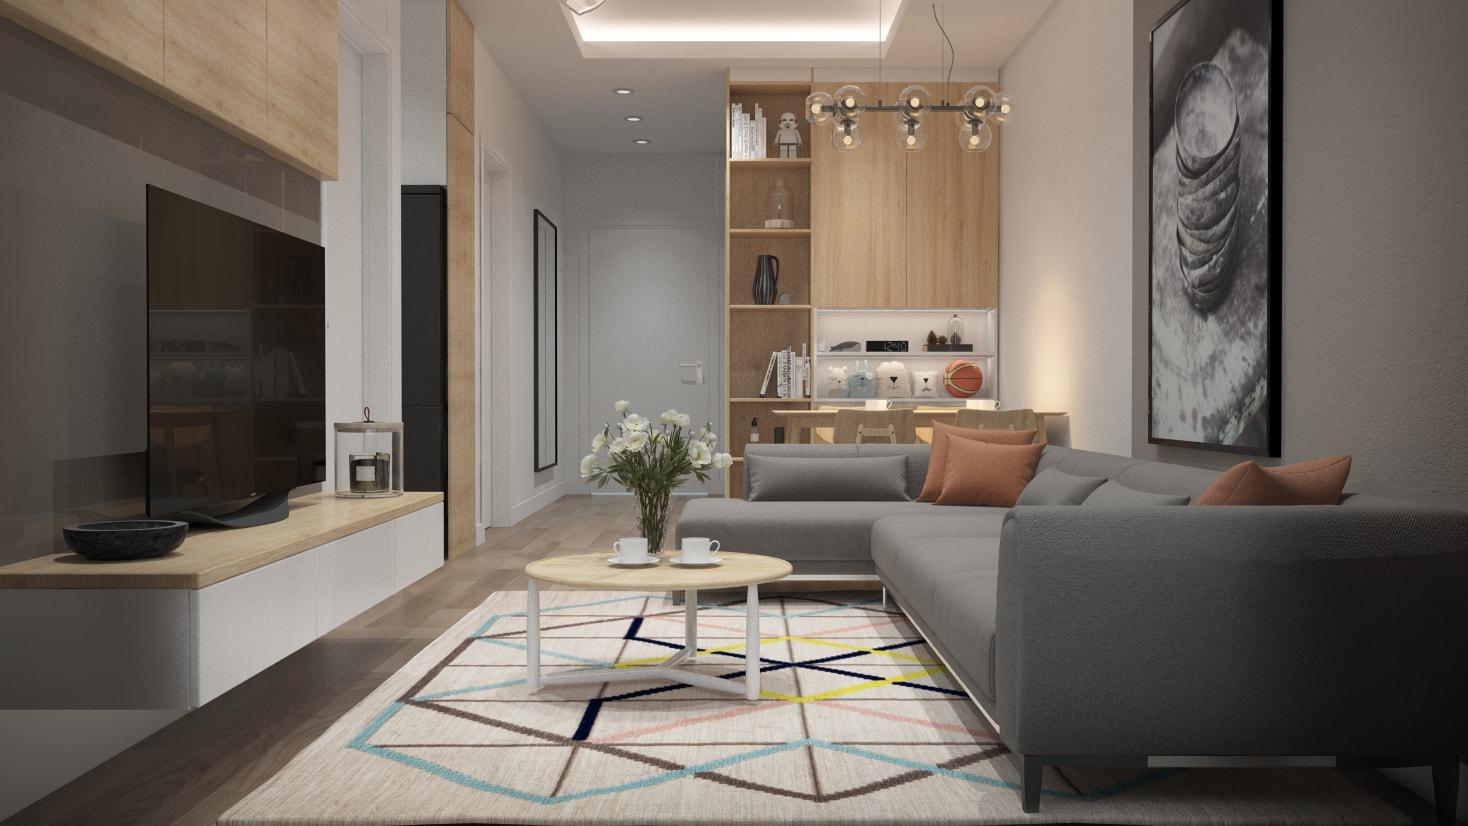 Thiết kế nội thất căn hộ chung cư Times City